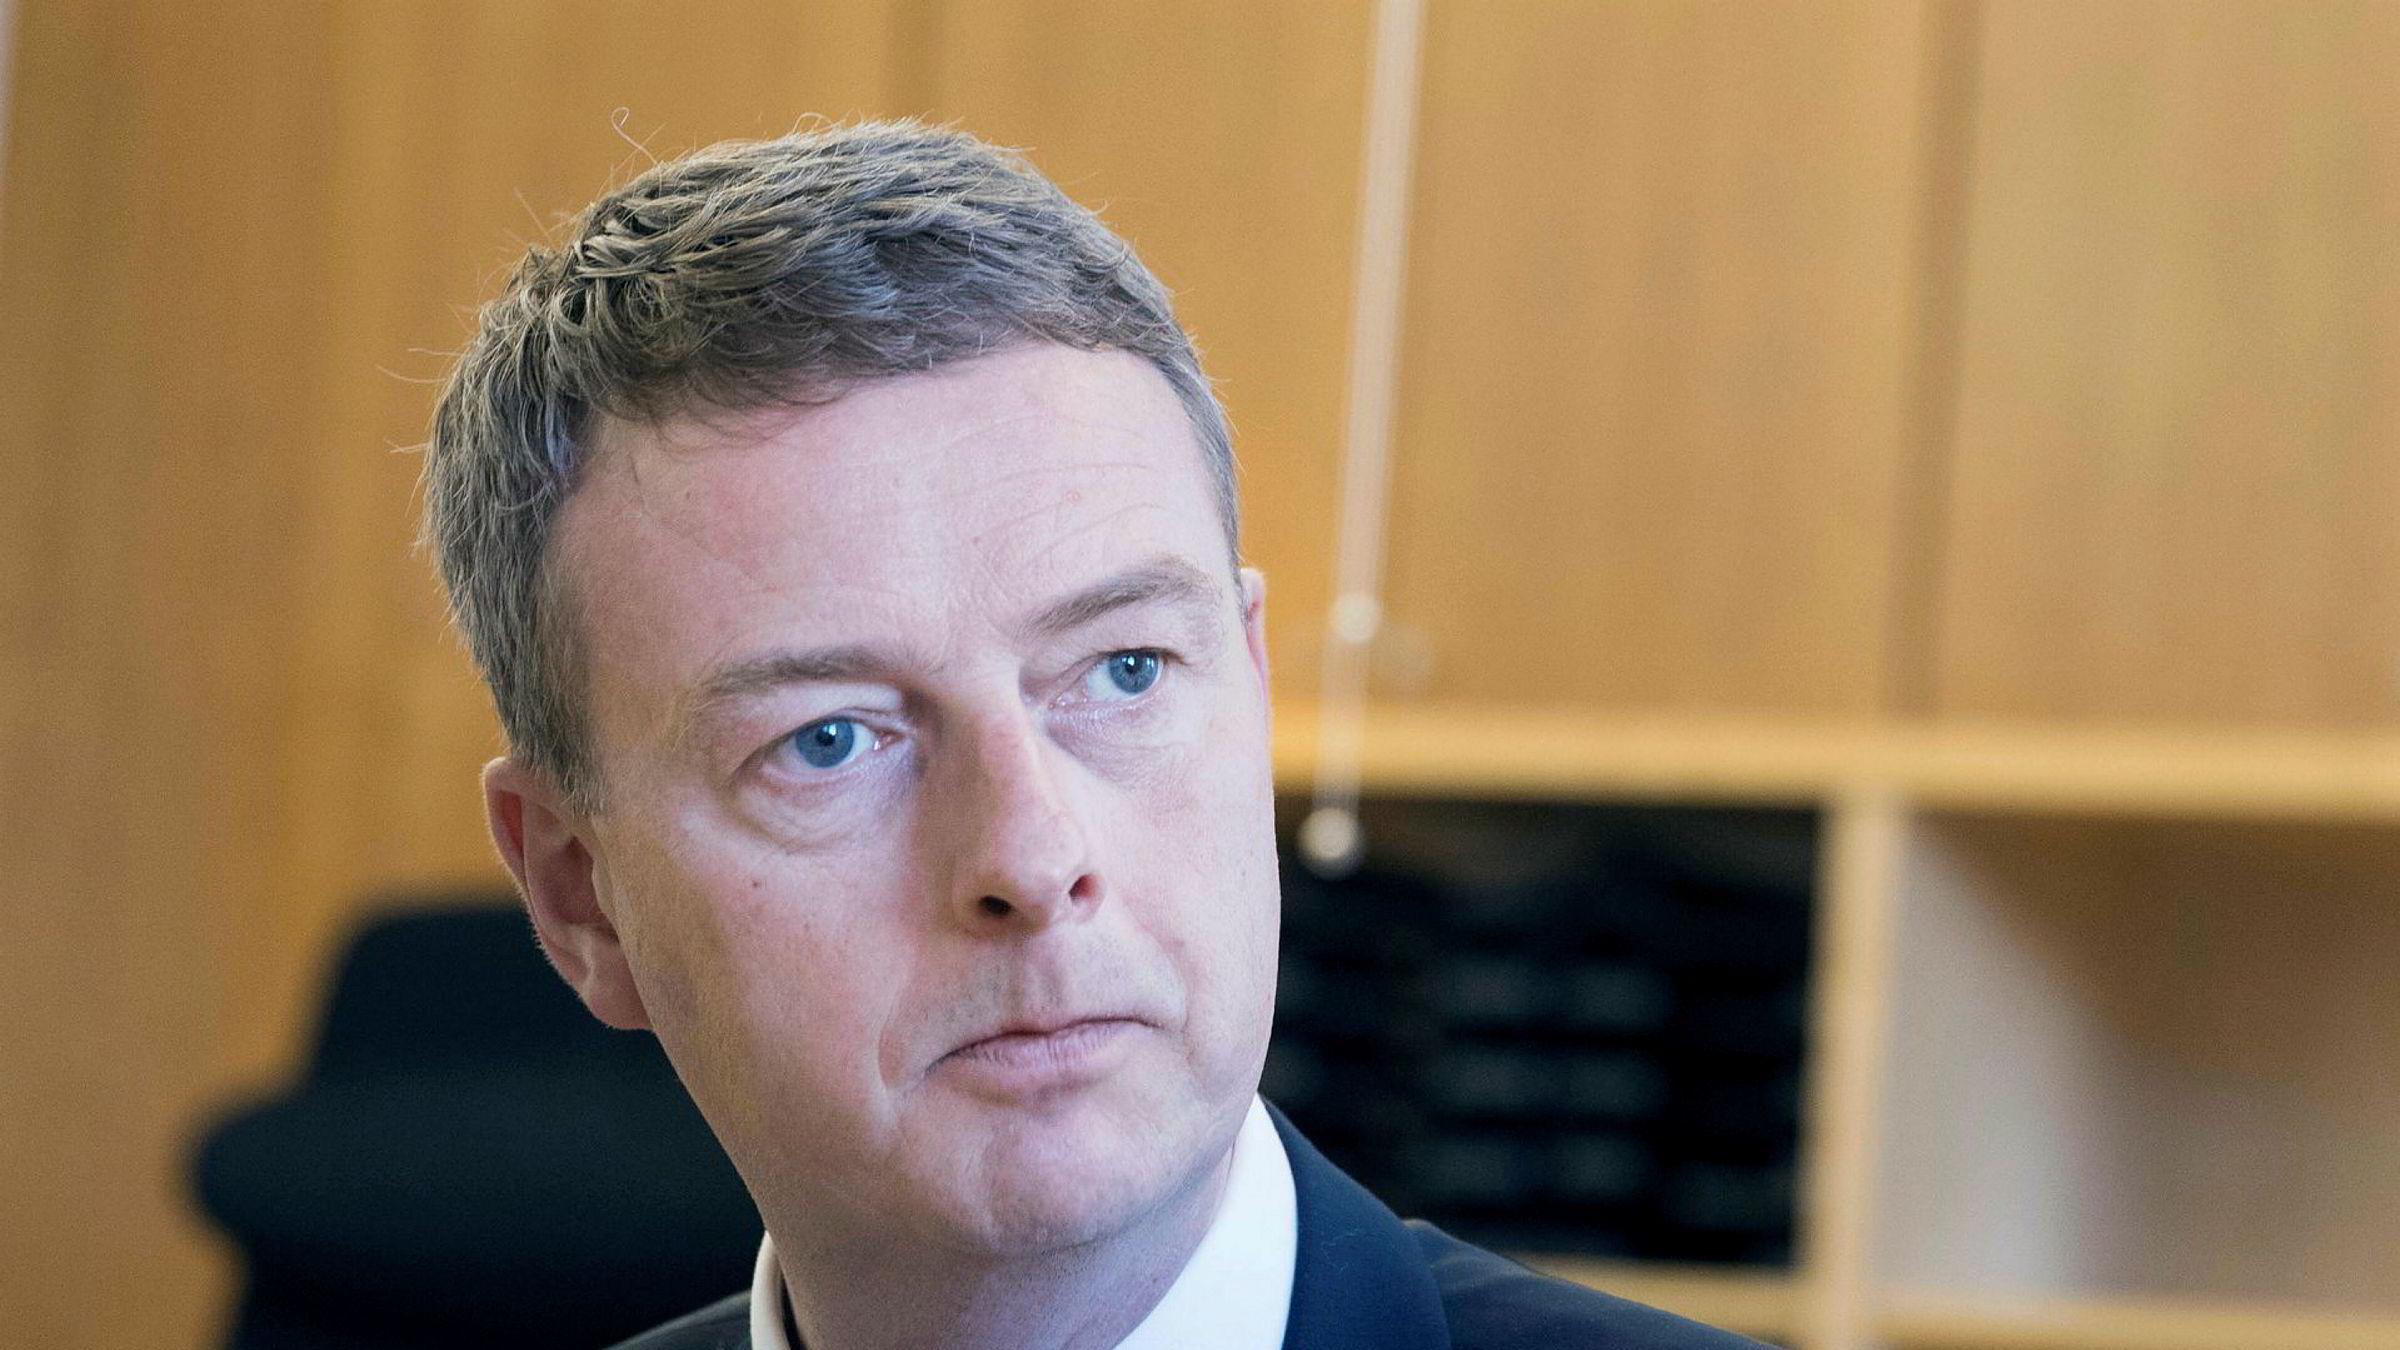 MDG mener olje- og energiminister Terje Søviknes har ansvar for ikke å ha rettet opp i manglene i konsekvensutredningen og sørget for korrekt informasjon til Stortinget.